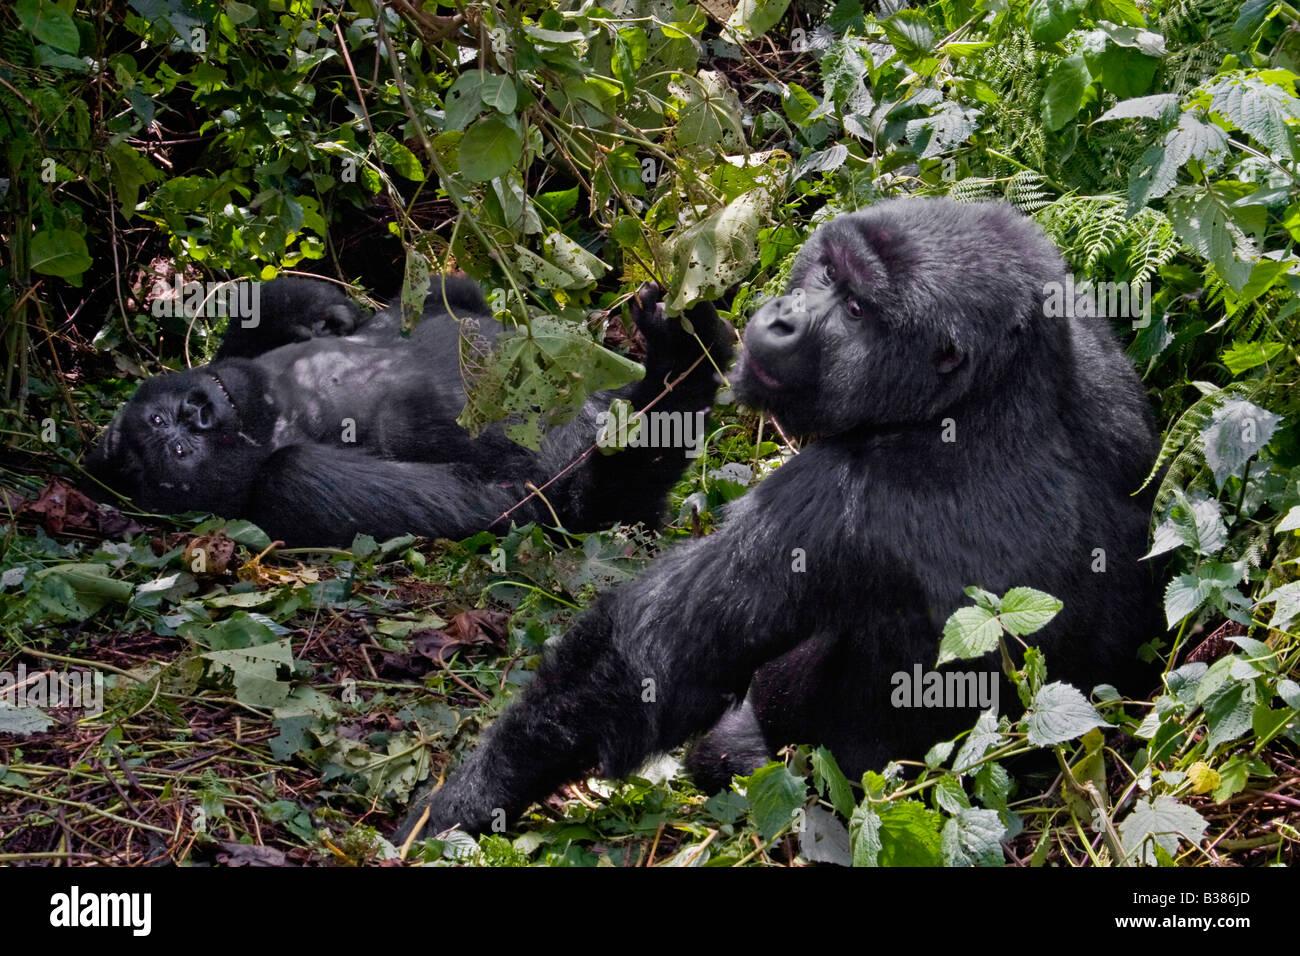 Two MOUNTAIN GORILLAS Gorilla beringei beringei of the KWITANDA GROUP in VOLCANOES NATIONAL PARK relax in a nest - Stock Image